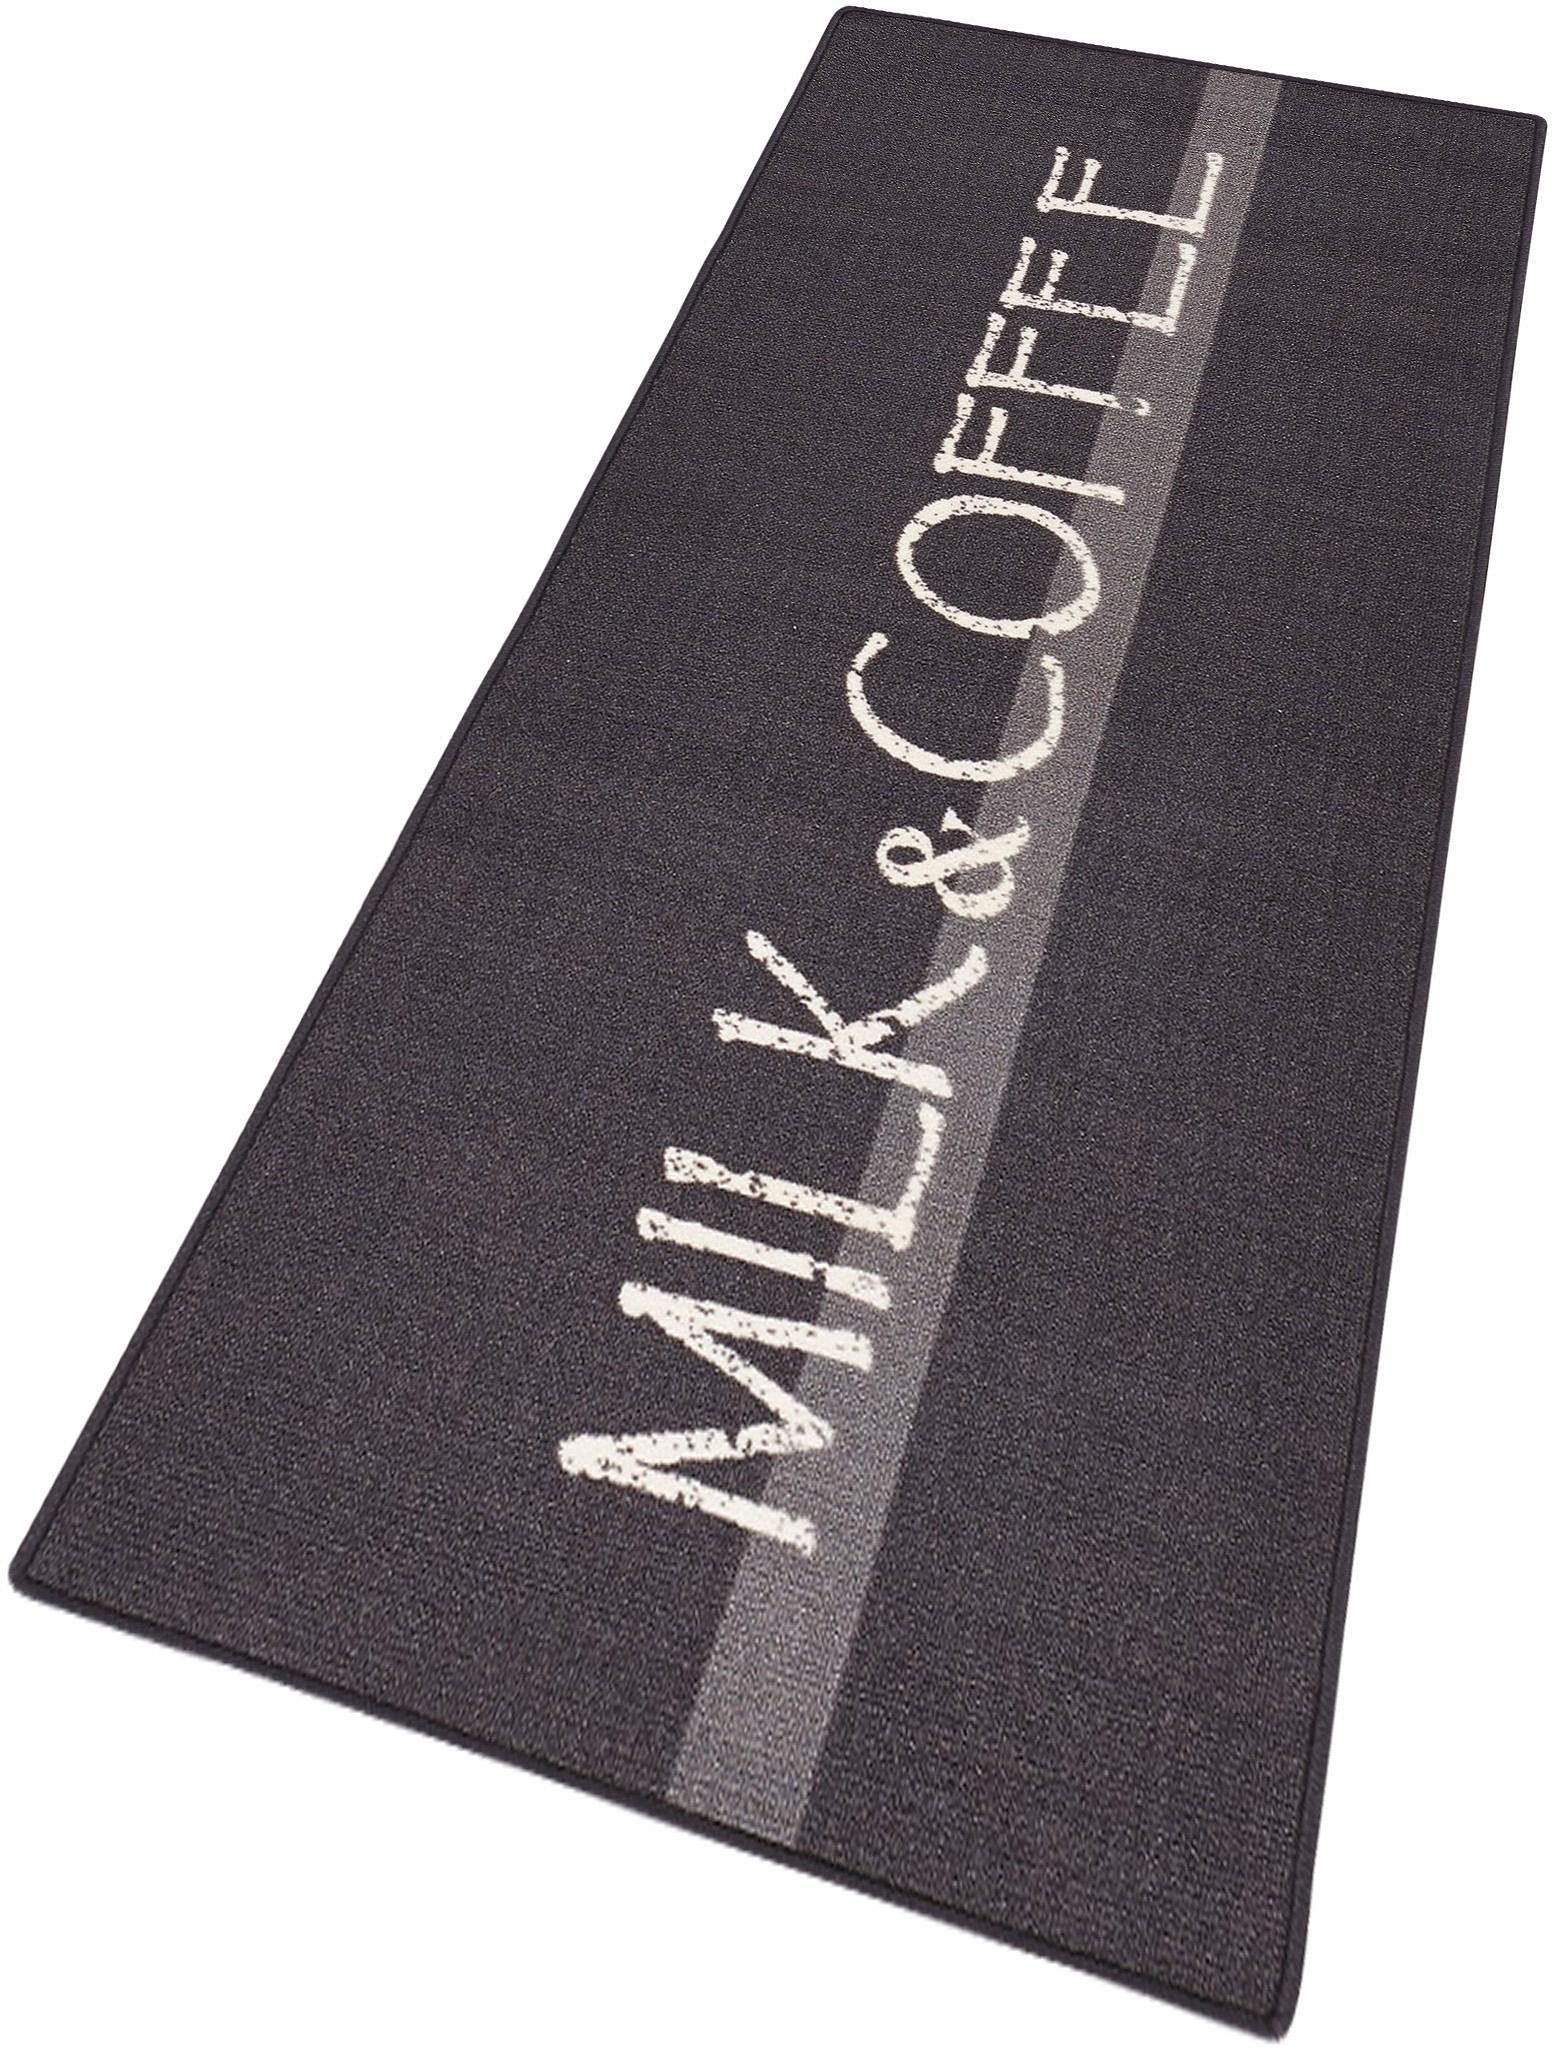 Küchenläufer »Milk & Coffee«, Hanse Home, rechteckig, Höhe 8 mm